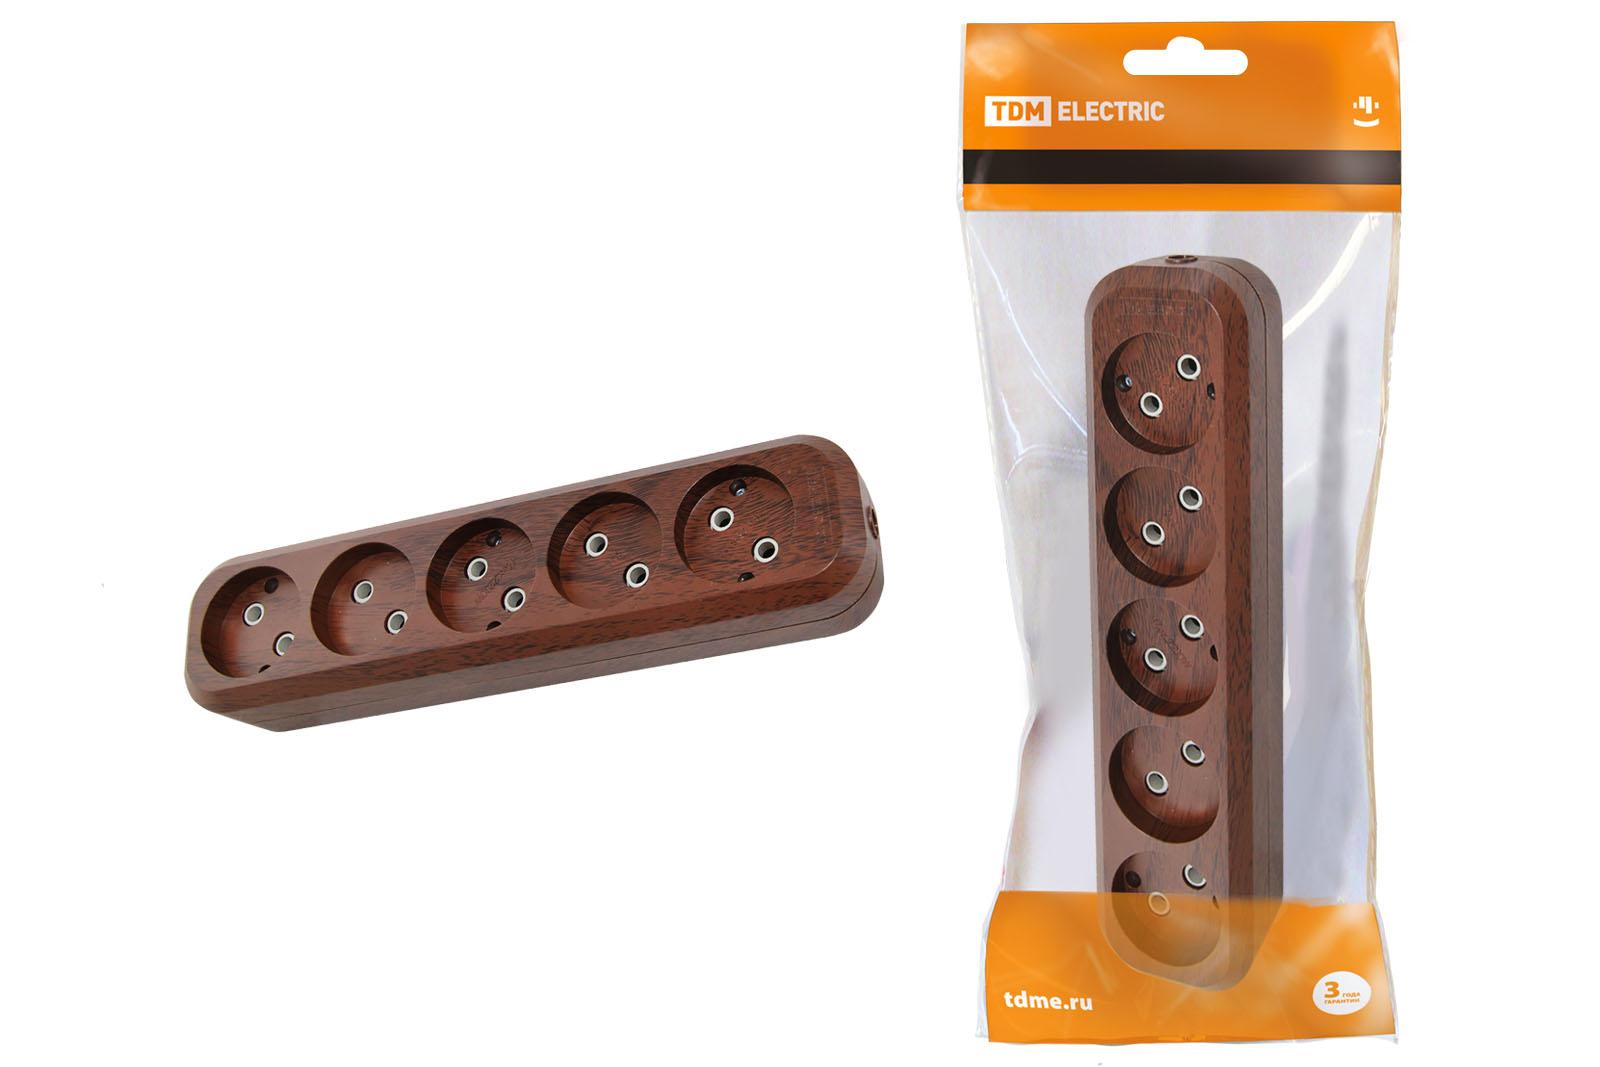 Колодка Tdm Sq1806-0067 розеточная колодка 3 гнезда бук tdm sq1806 0061